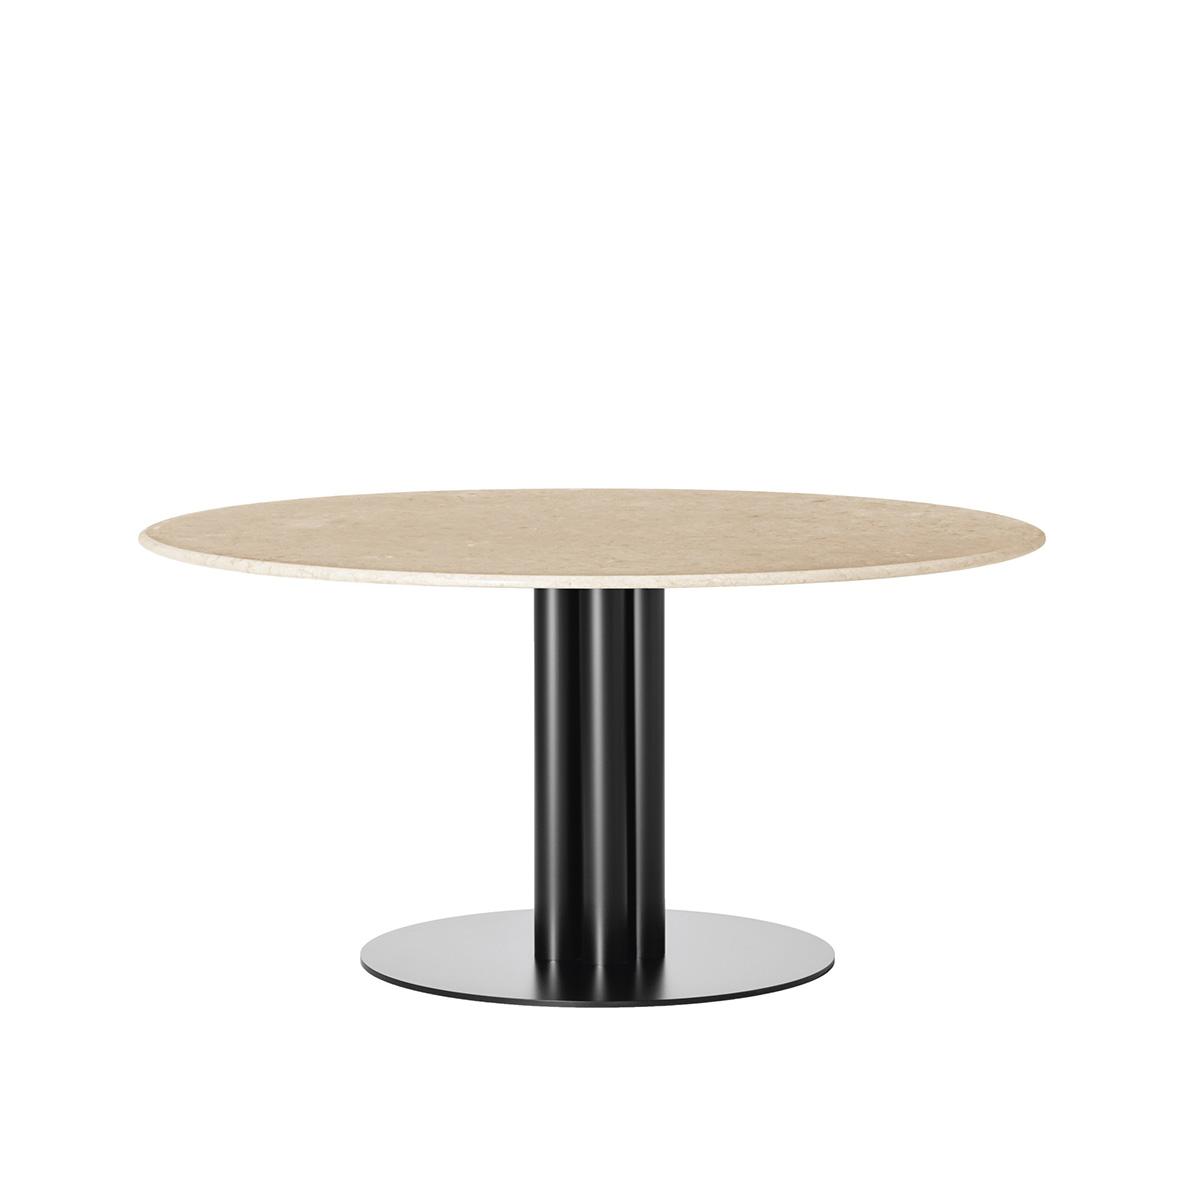 Spisebord Round About Ø140 Beige